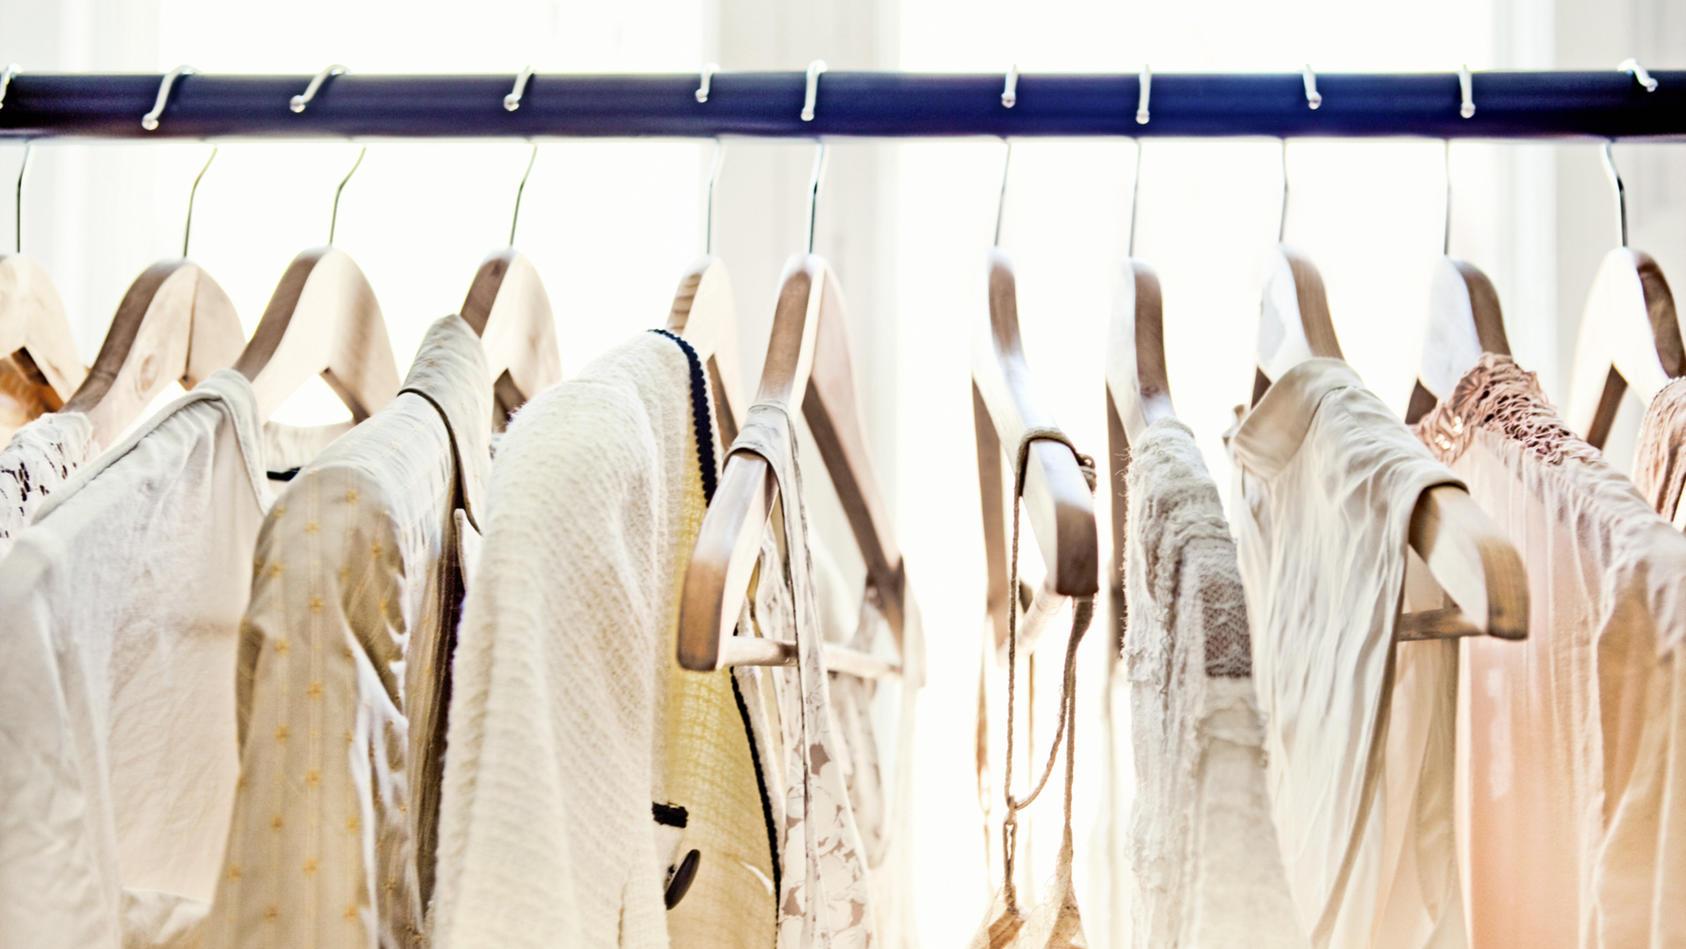 Kleiderbügel-Hacks: So hängen Sie Ihre Klamotten am besten auf.